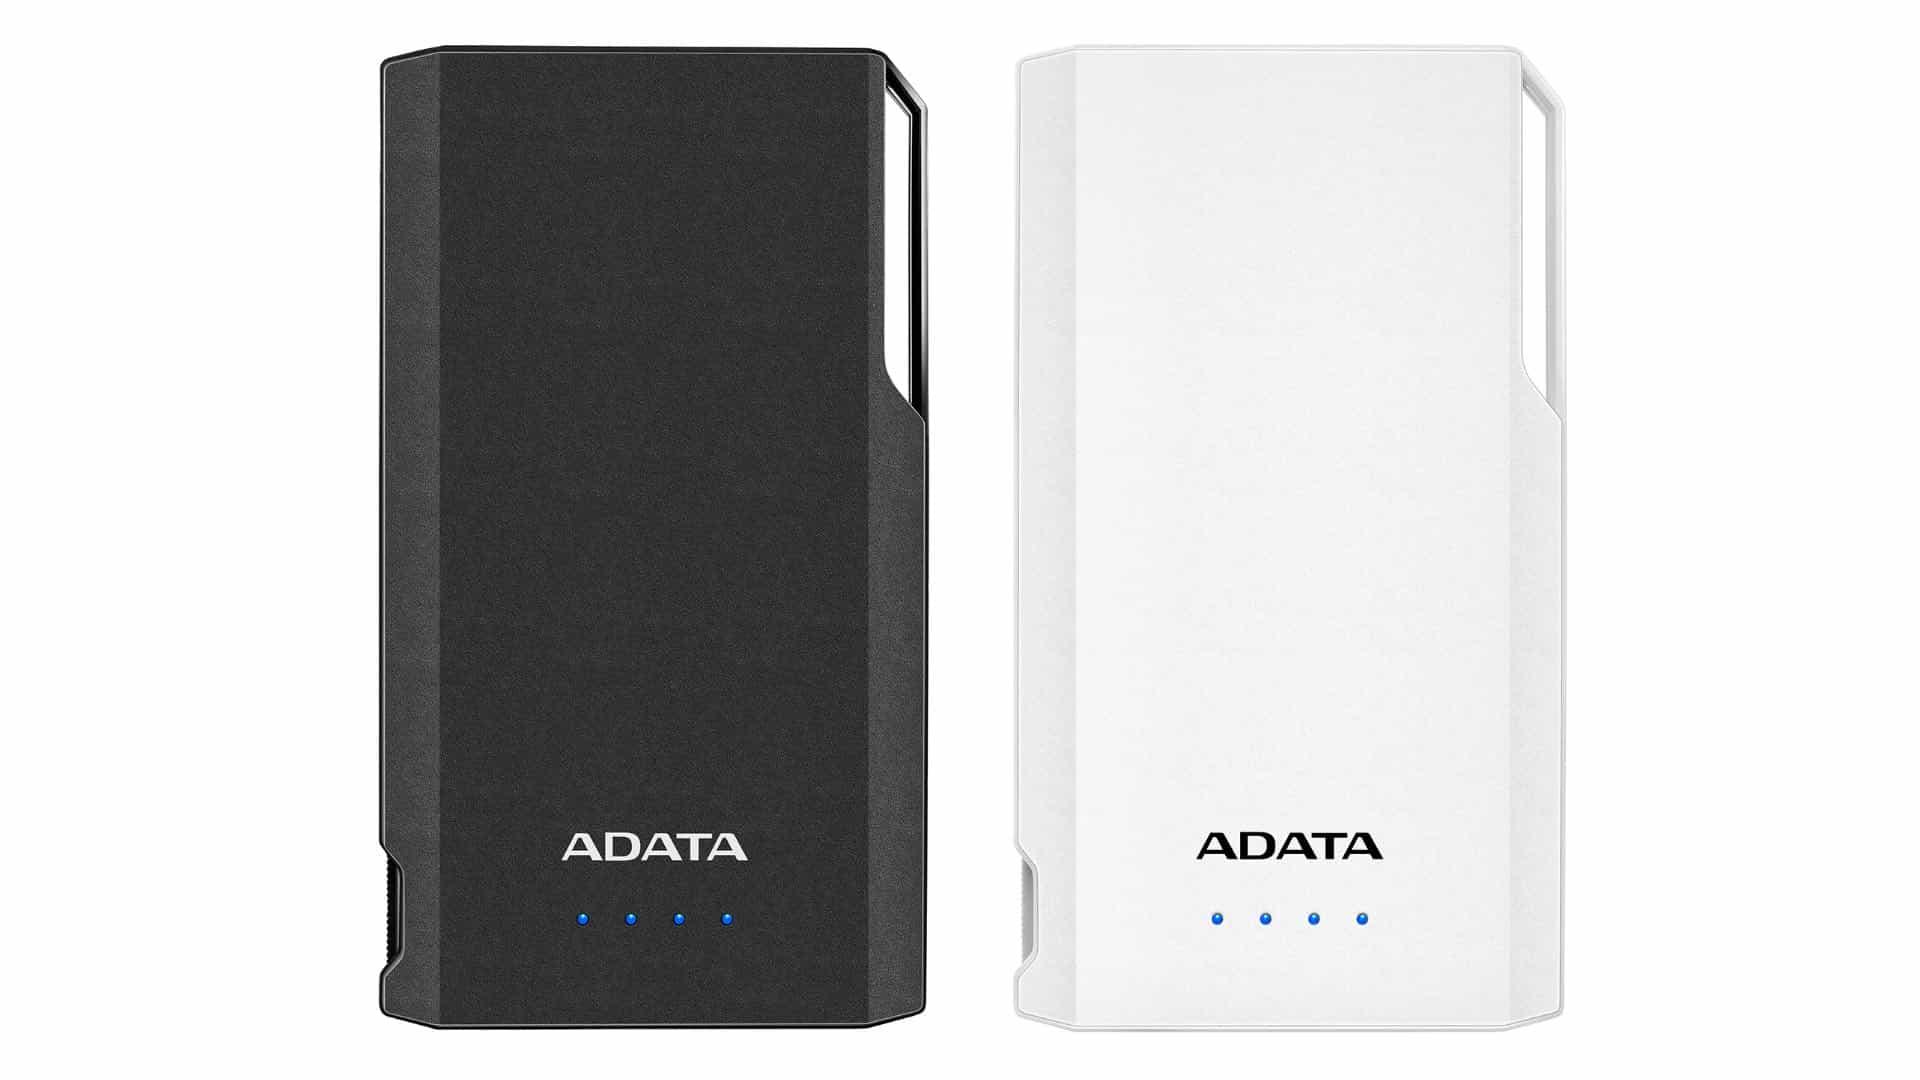 ADATA S10000